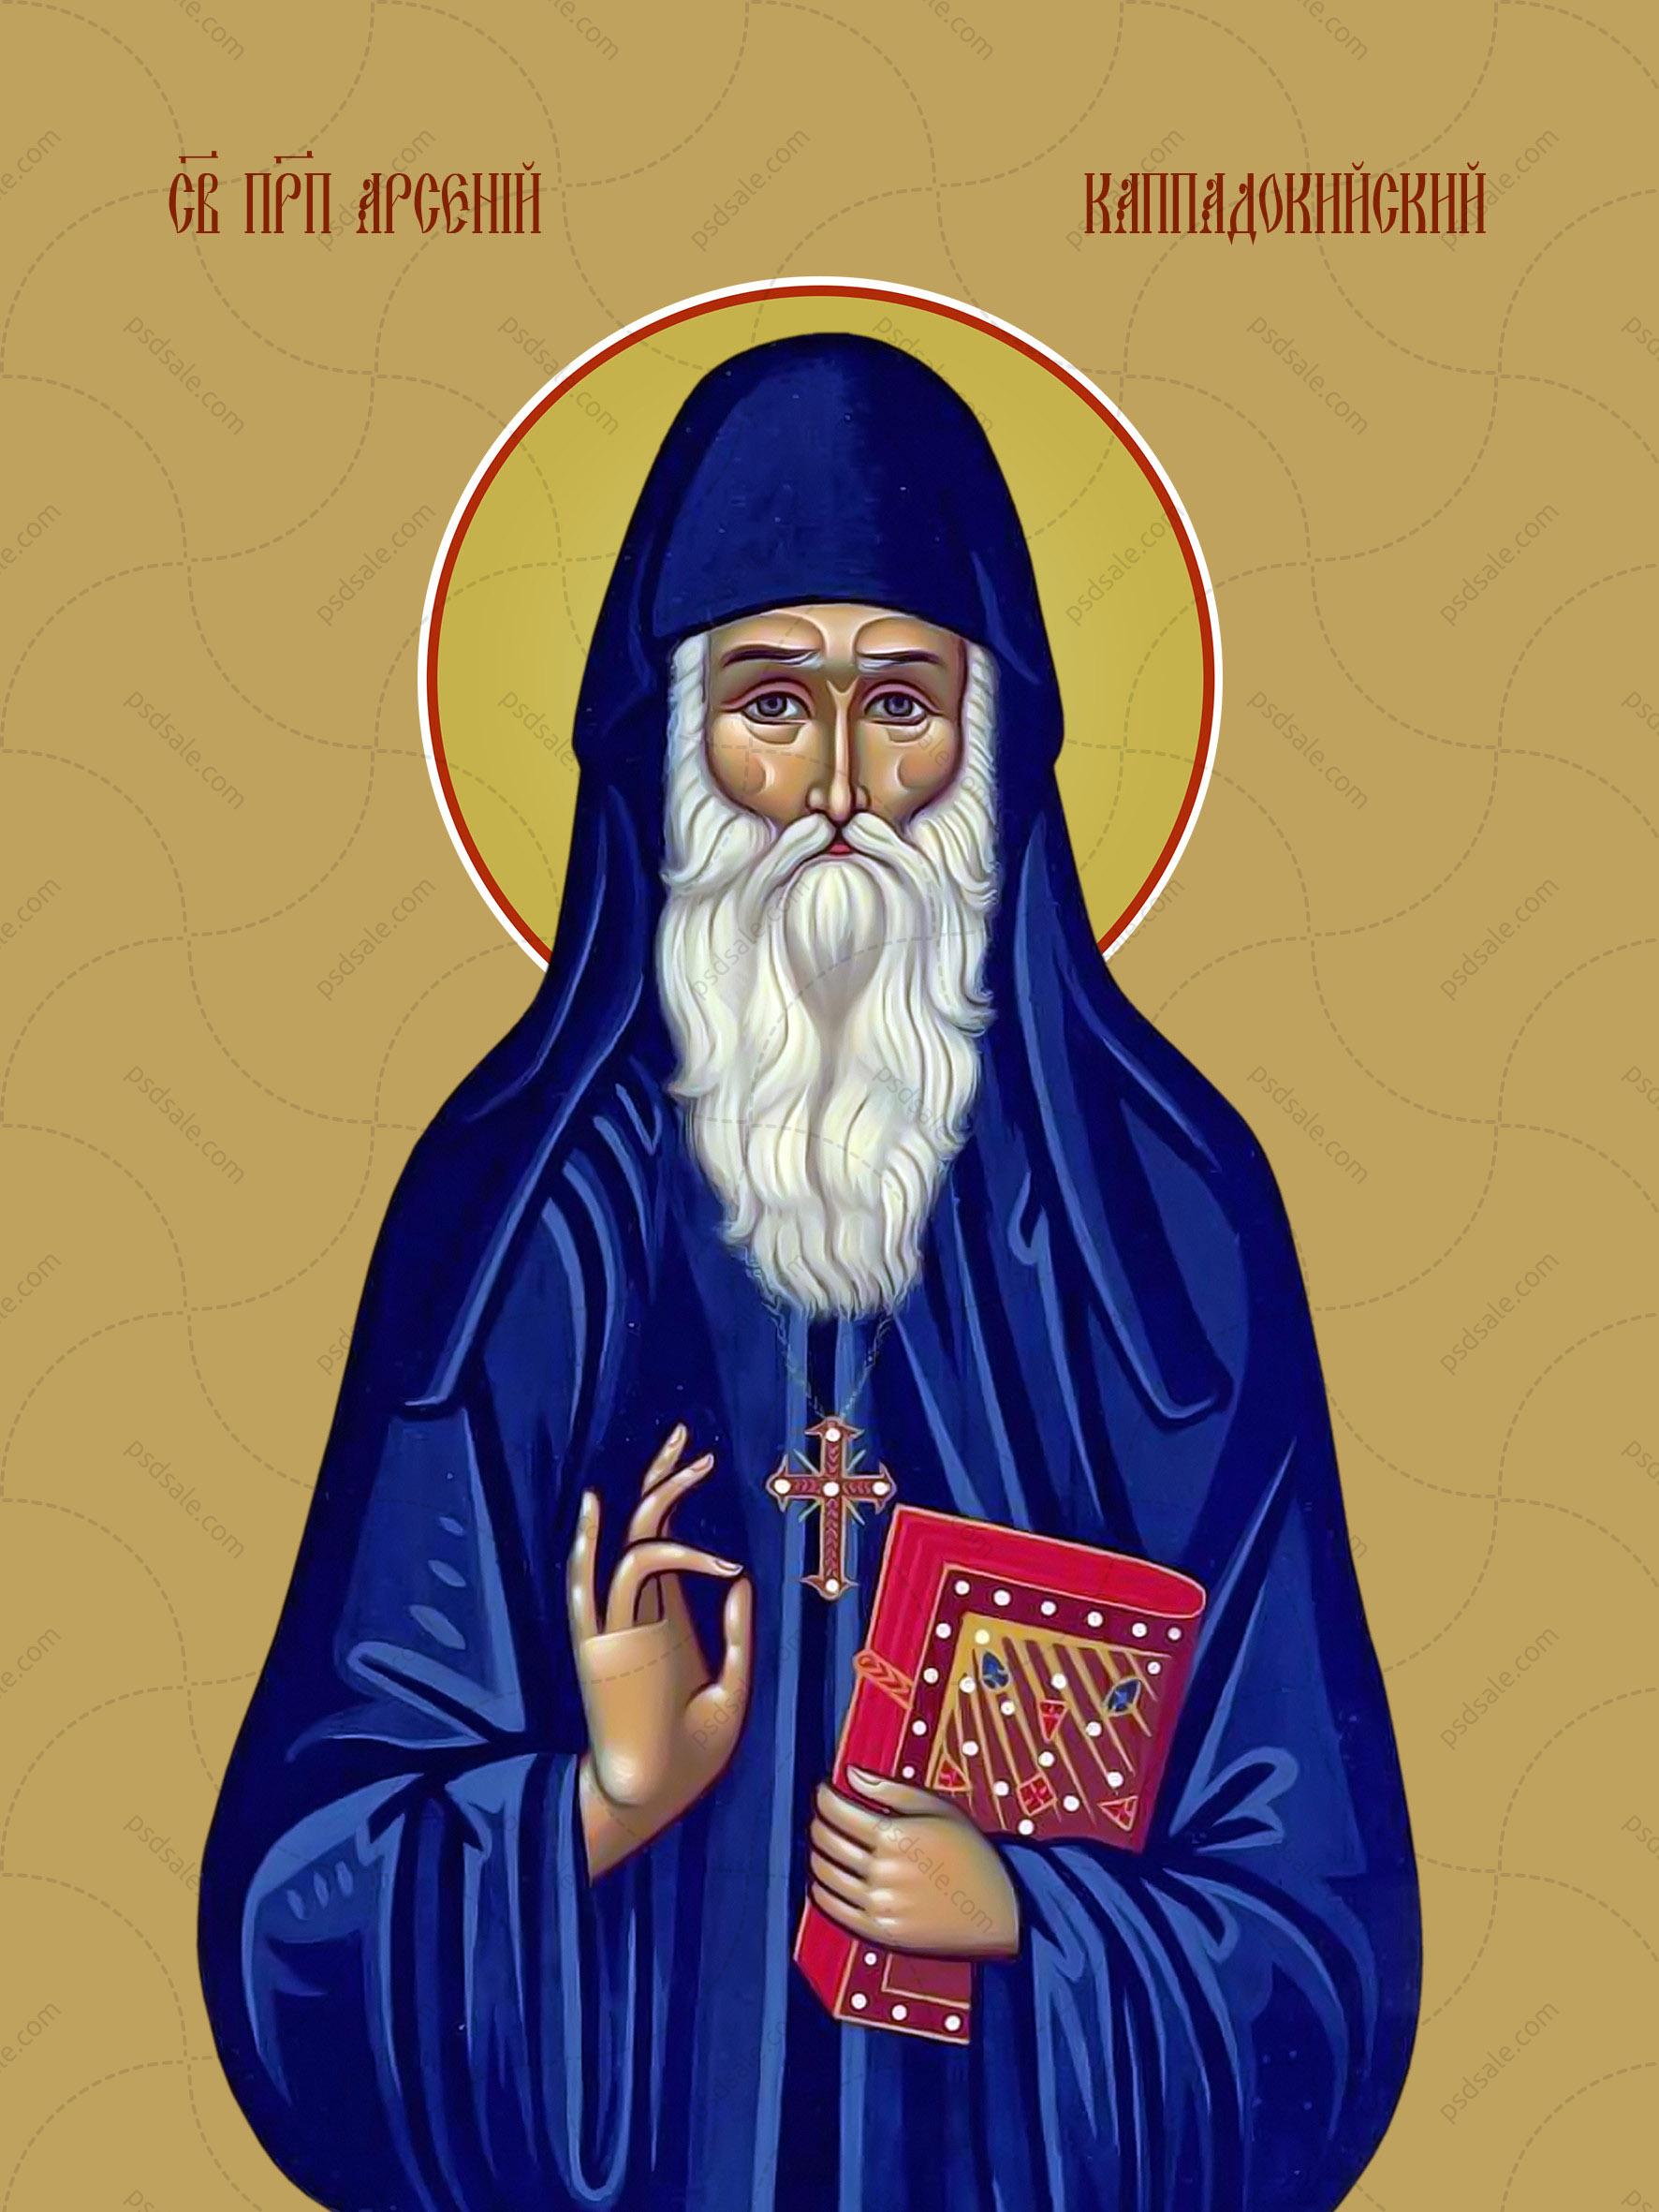 Арсений Каппадокийский, преподобный